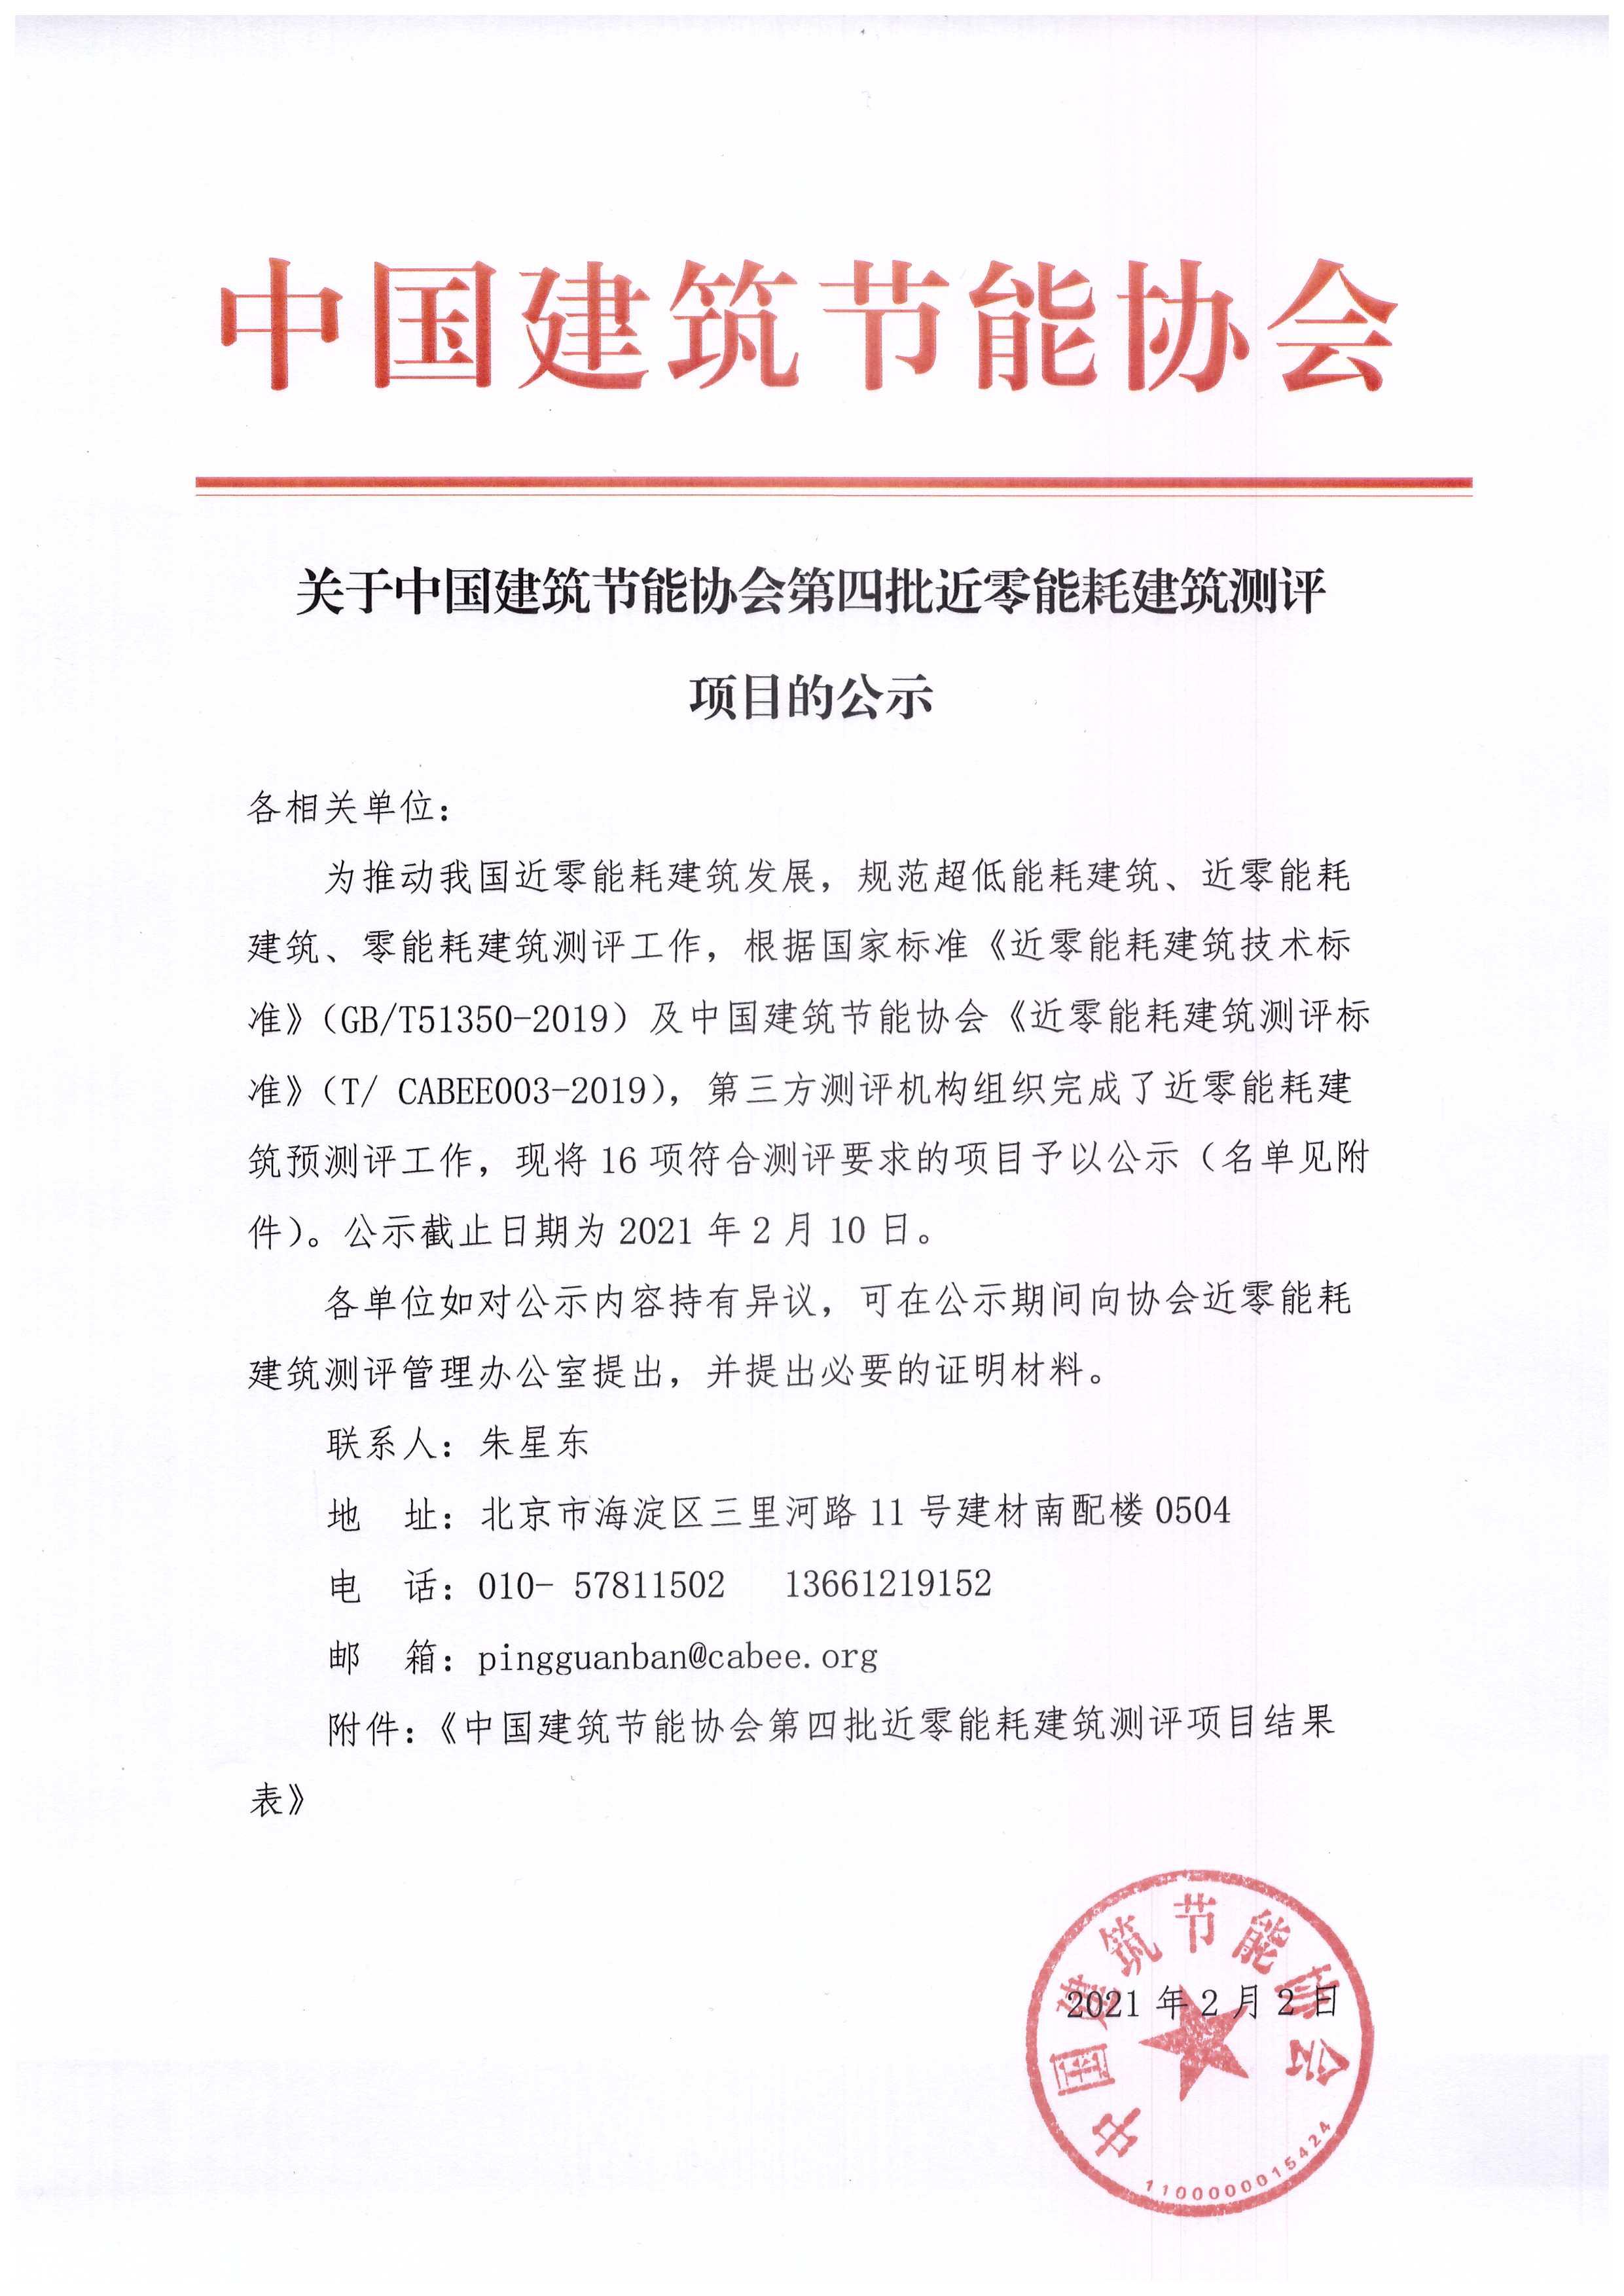 关于中国建筑节能协会第四批近零能耗建筑测评项目的公示(1)_页面_1.jpg